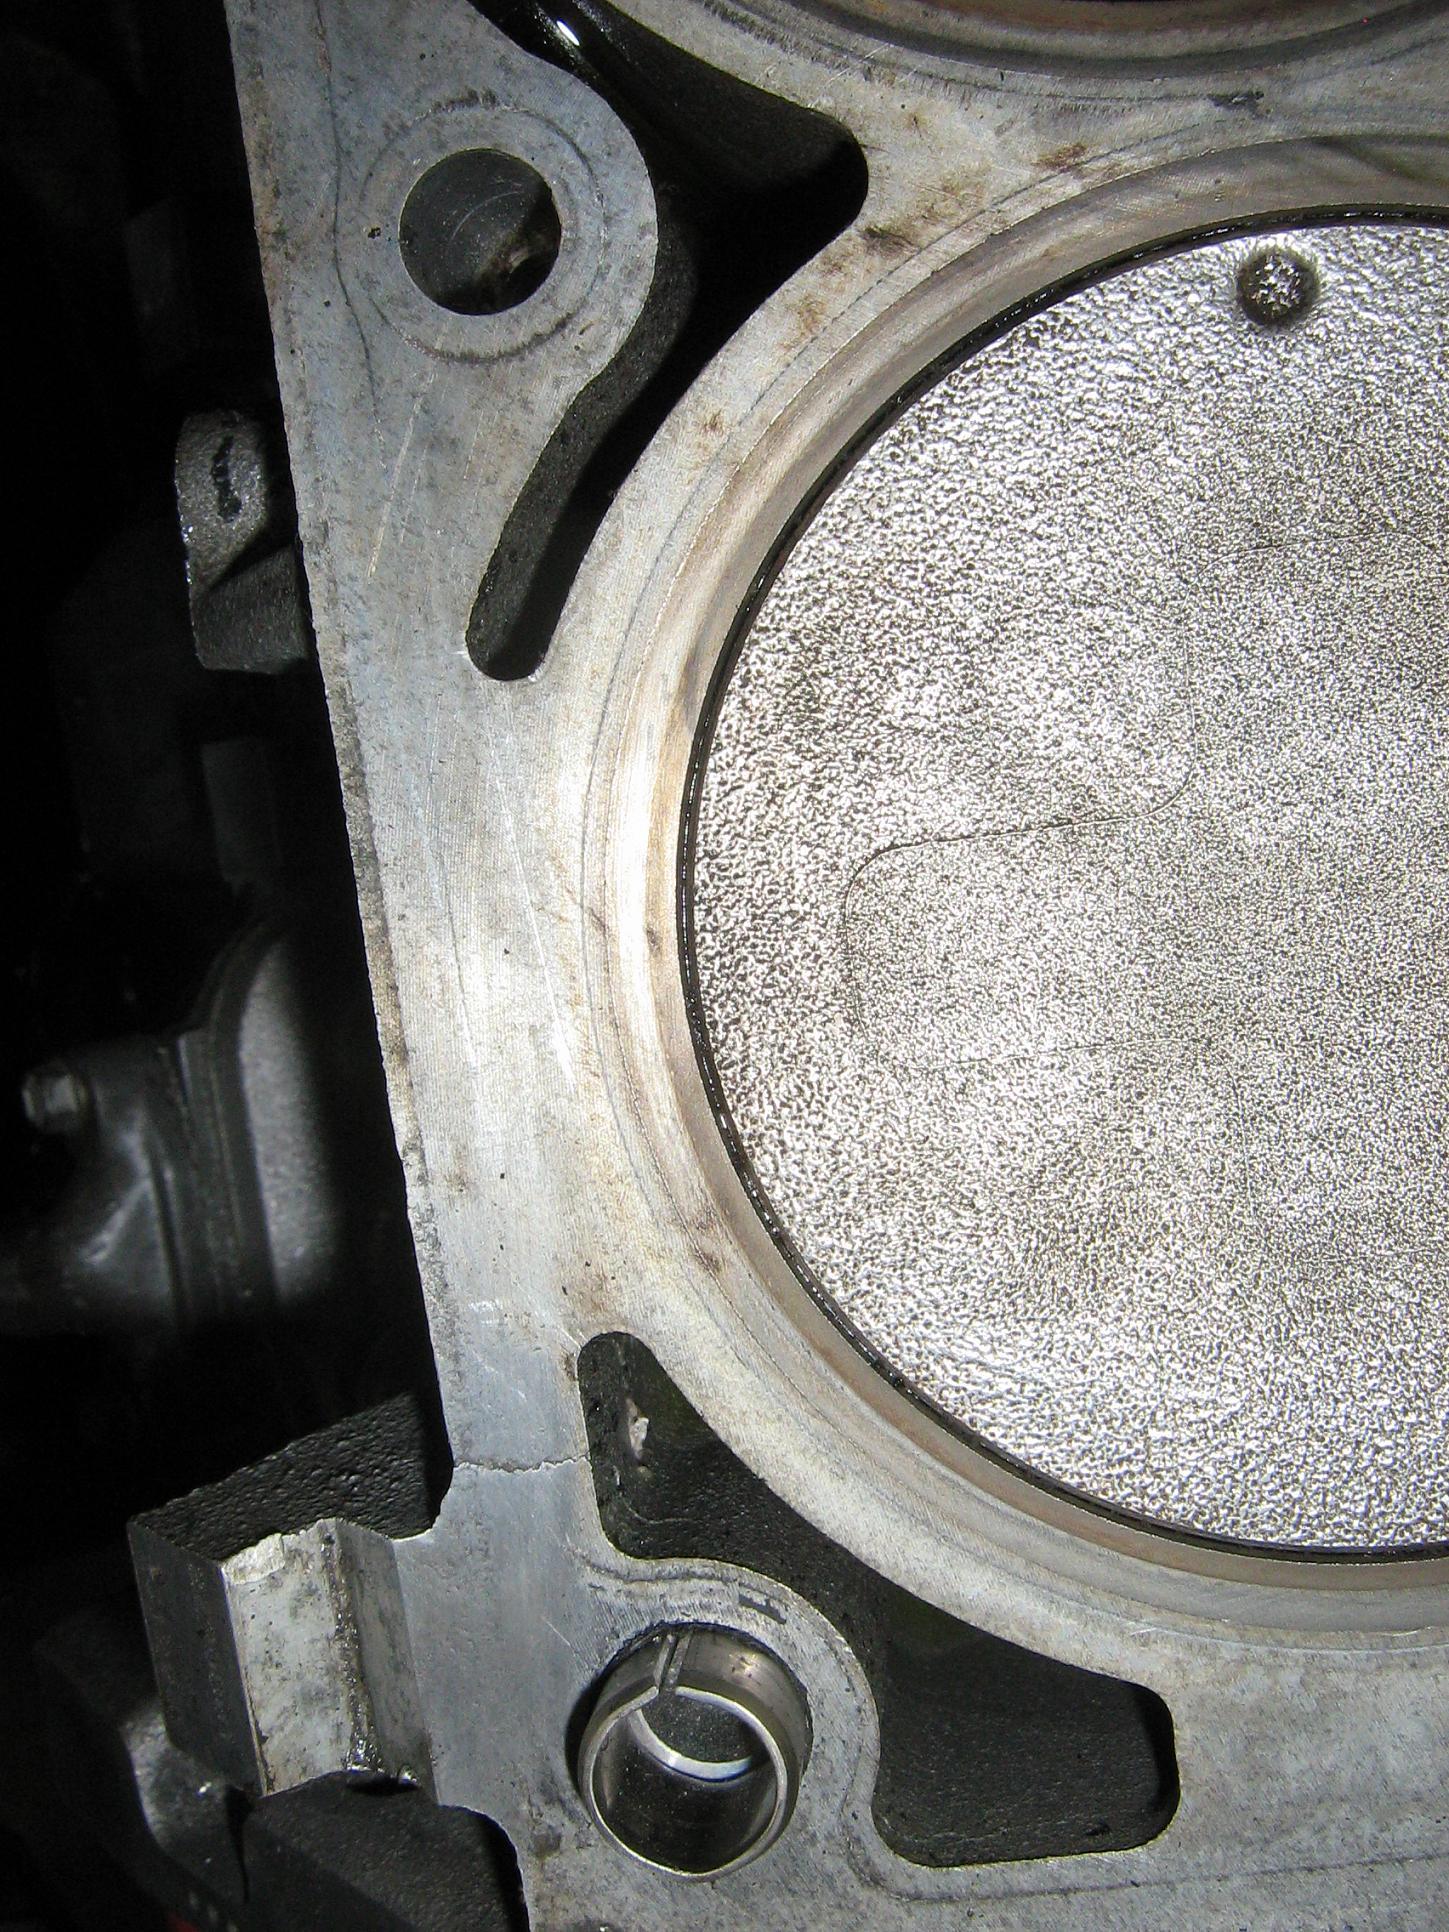 Weld Repair On Engine Block - Resume Examples | Resume Template